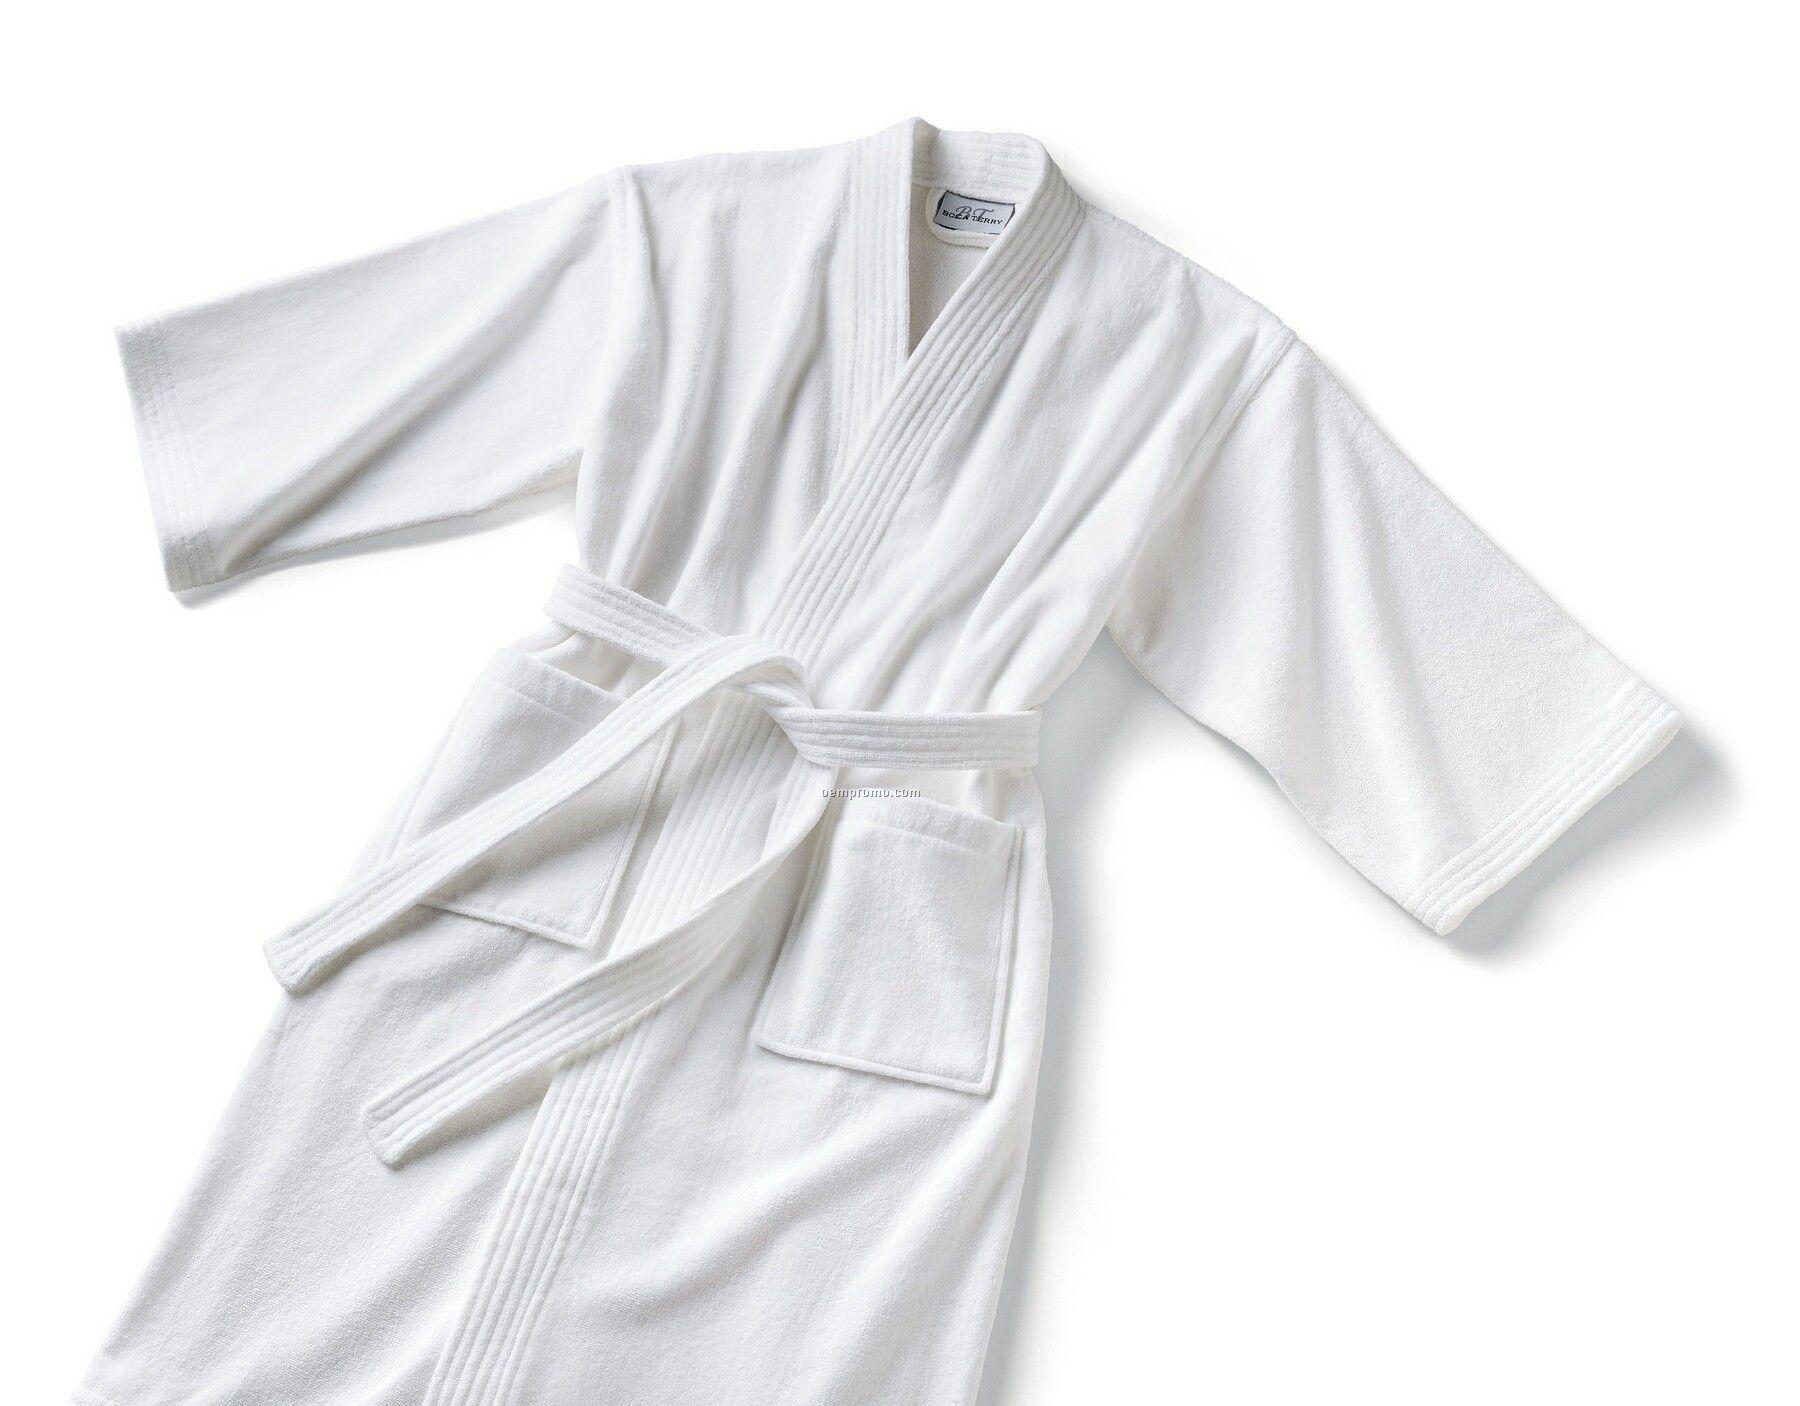 Basic Kimono Waffle Robe - (All Cotton)